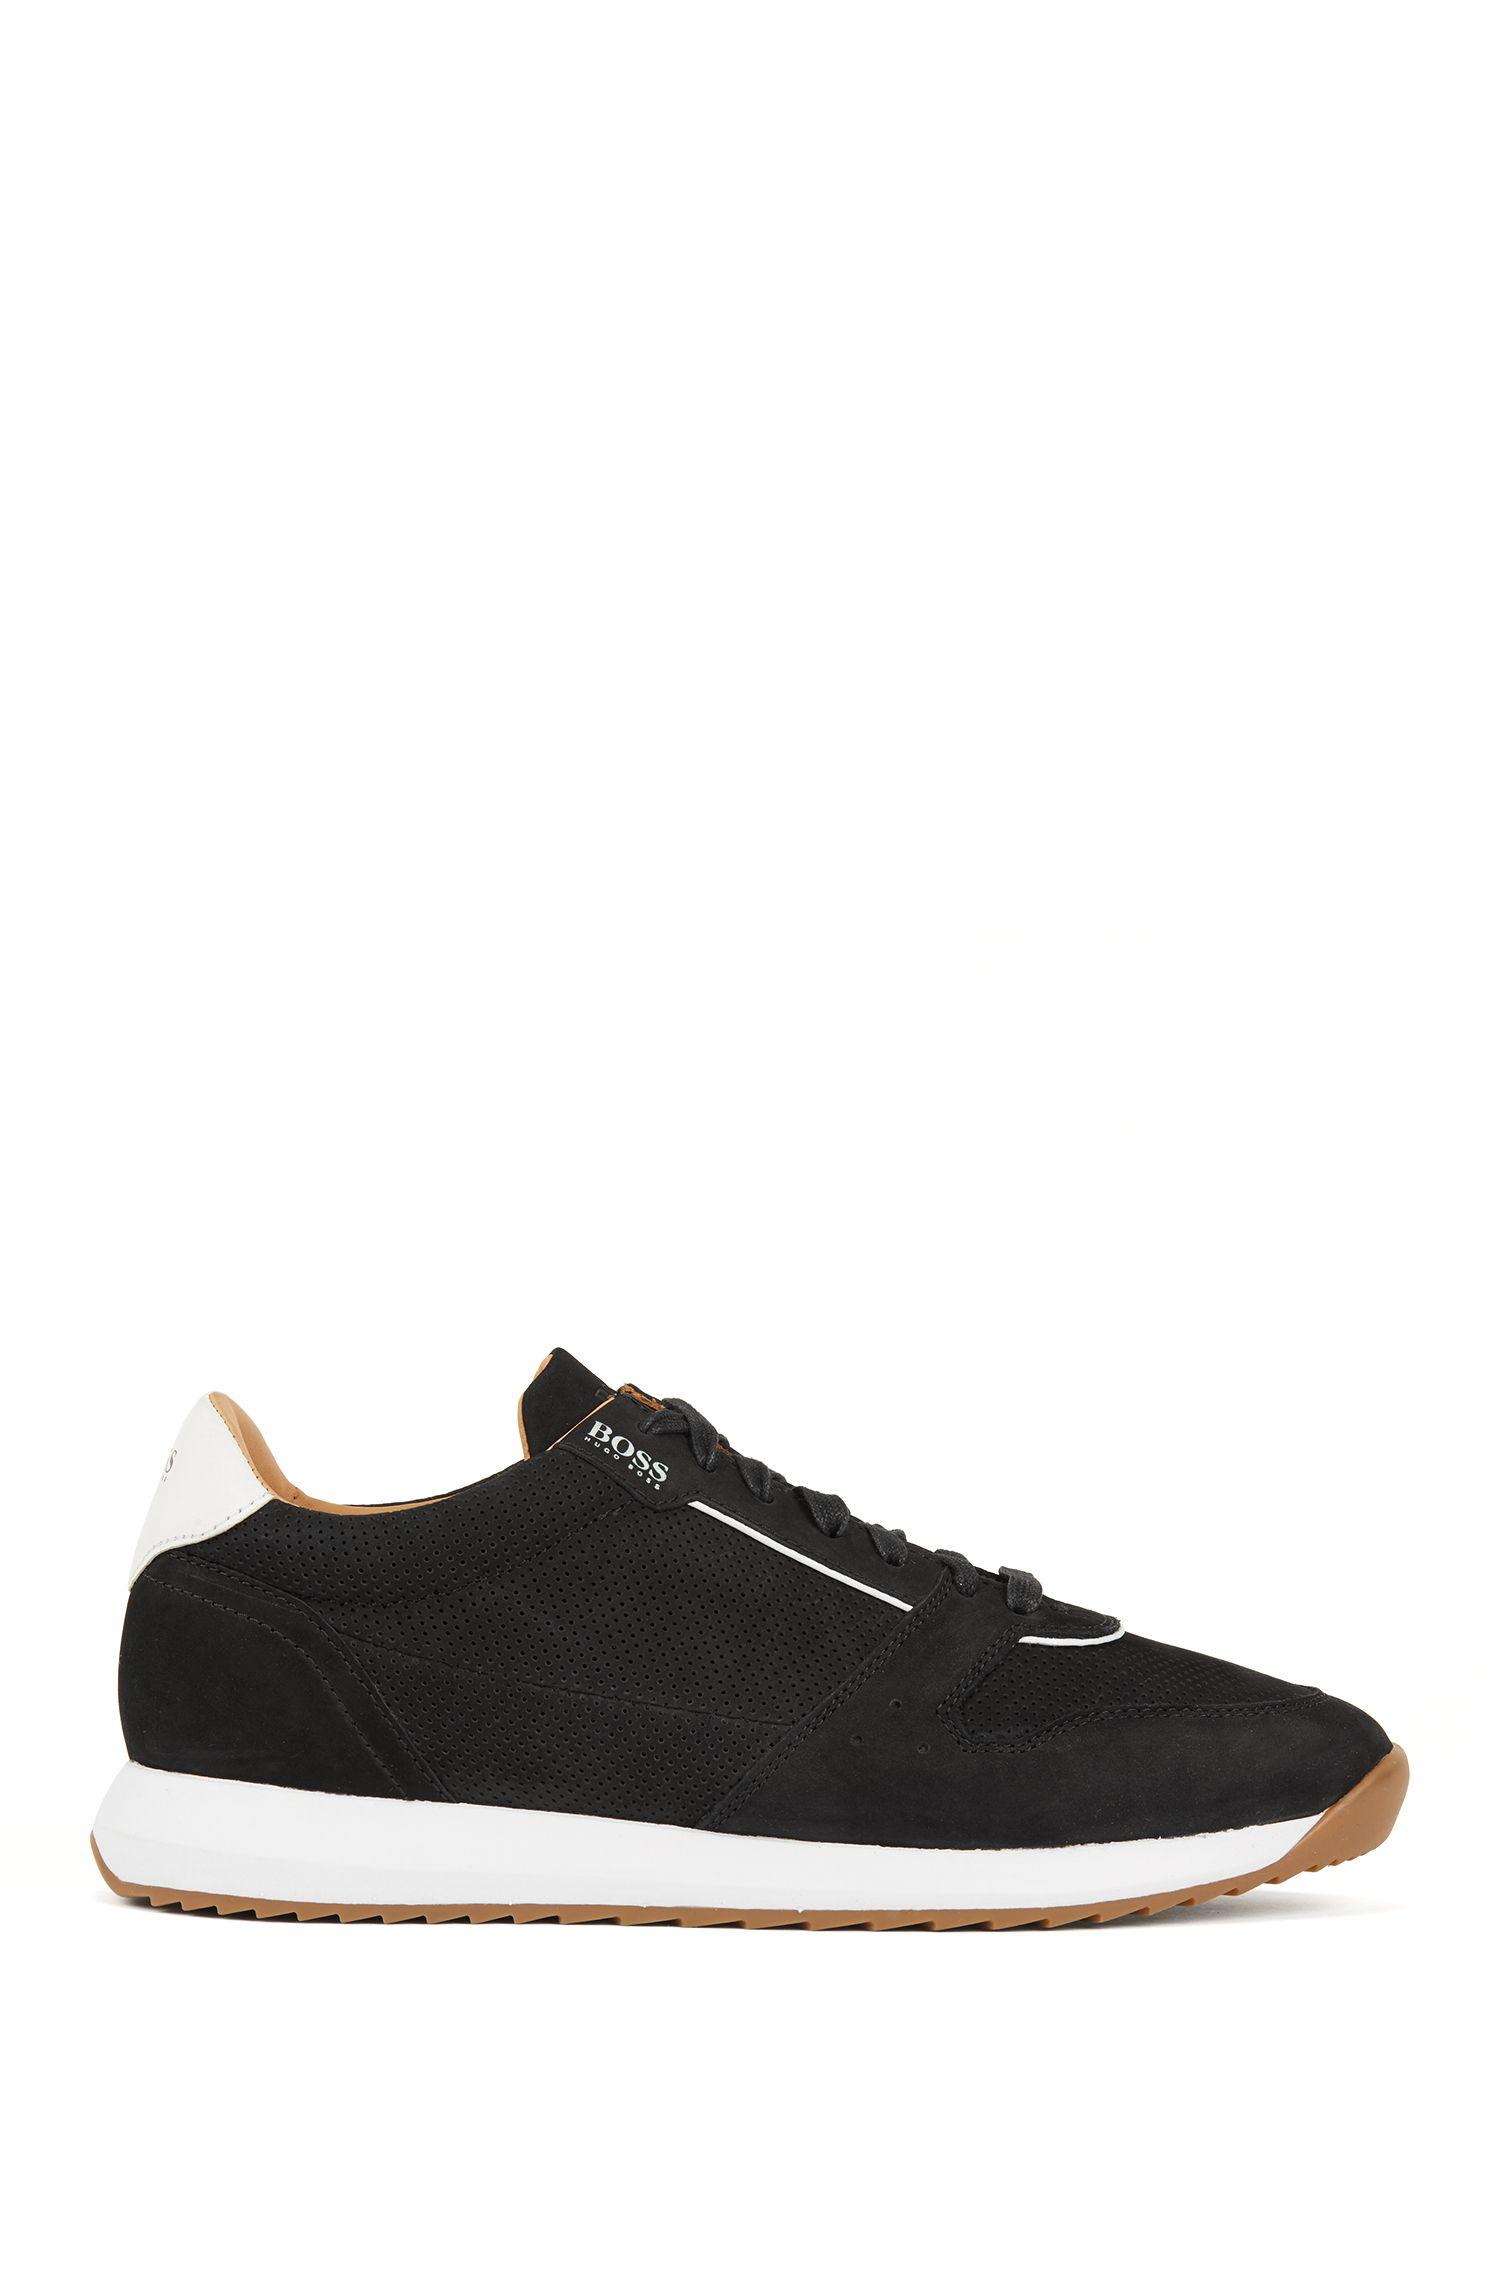 Sneakers aus Nubukleder mit gelaserten Details, Schwarz